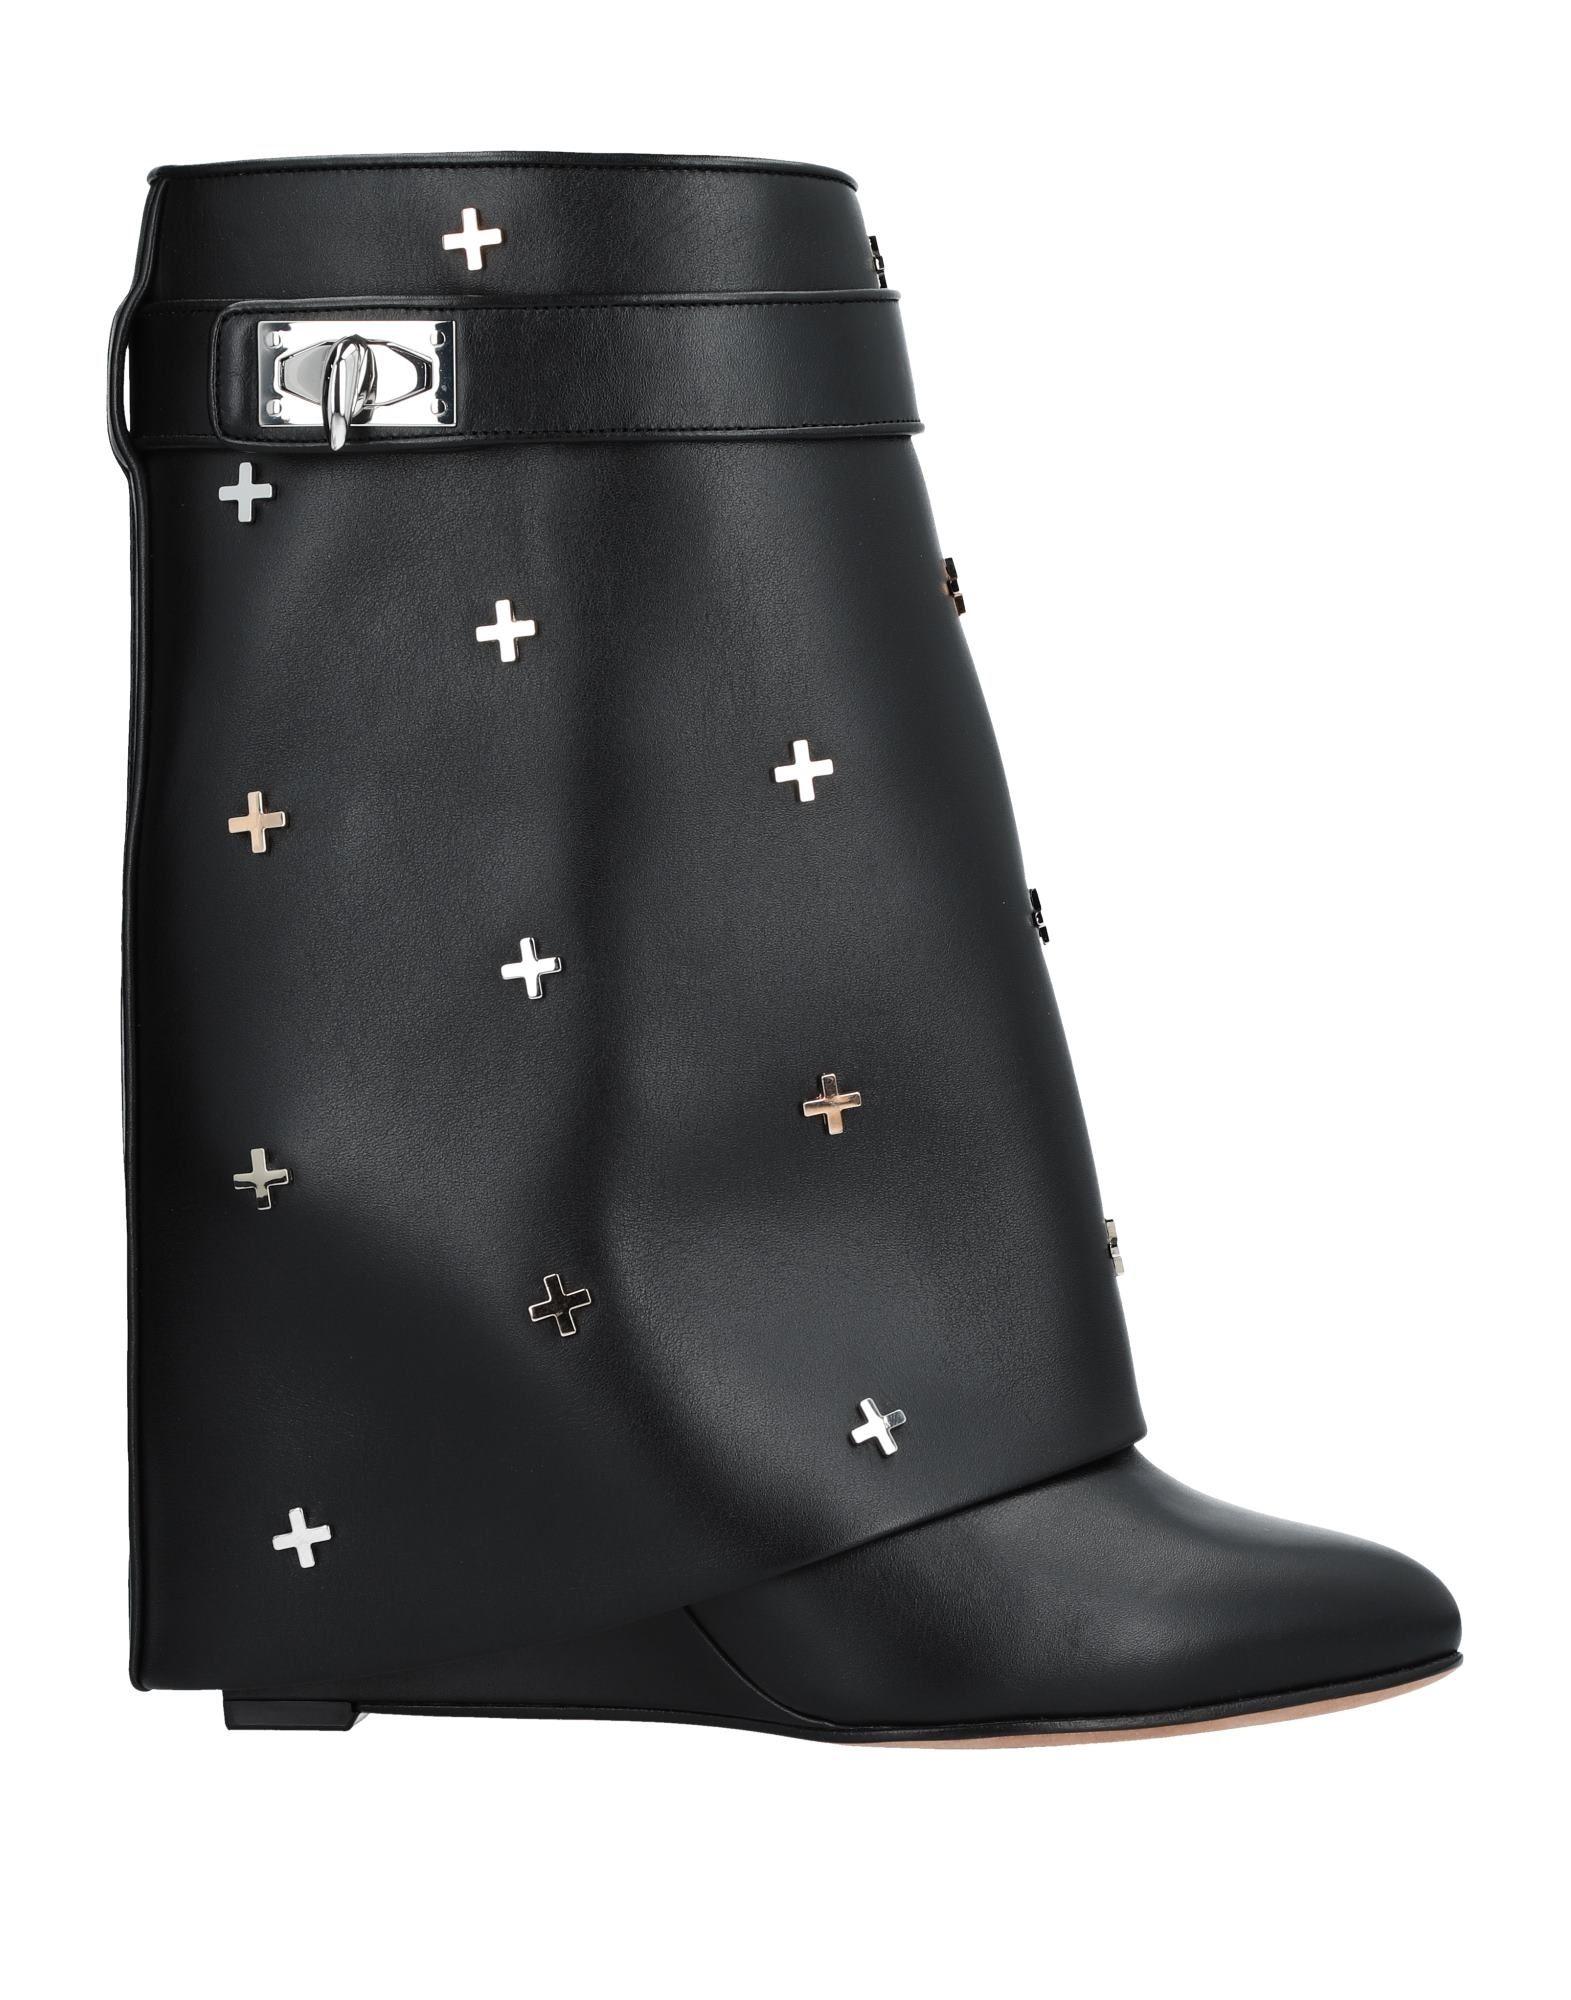 Moda Stivaletti Givenchy Donna - 11533531MU